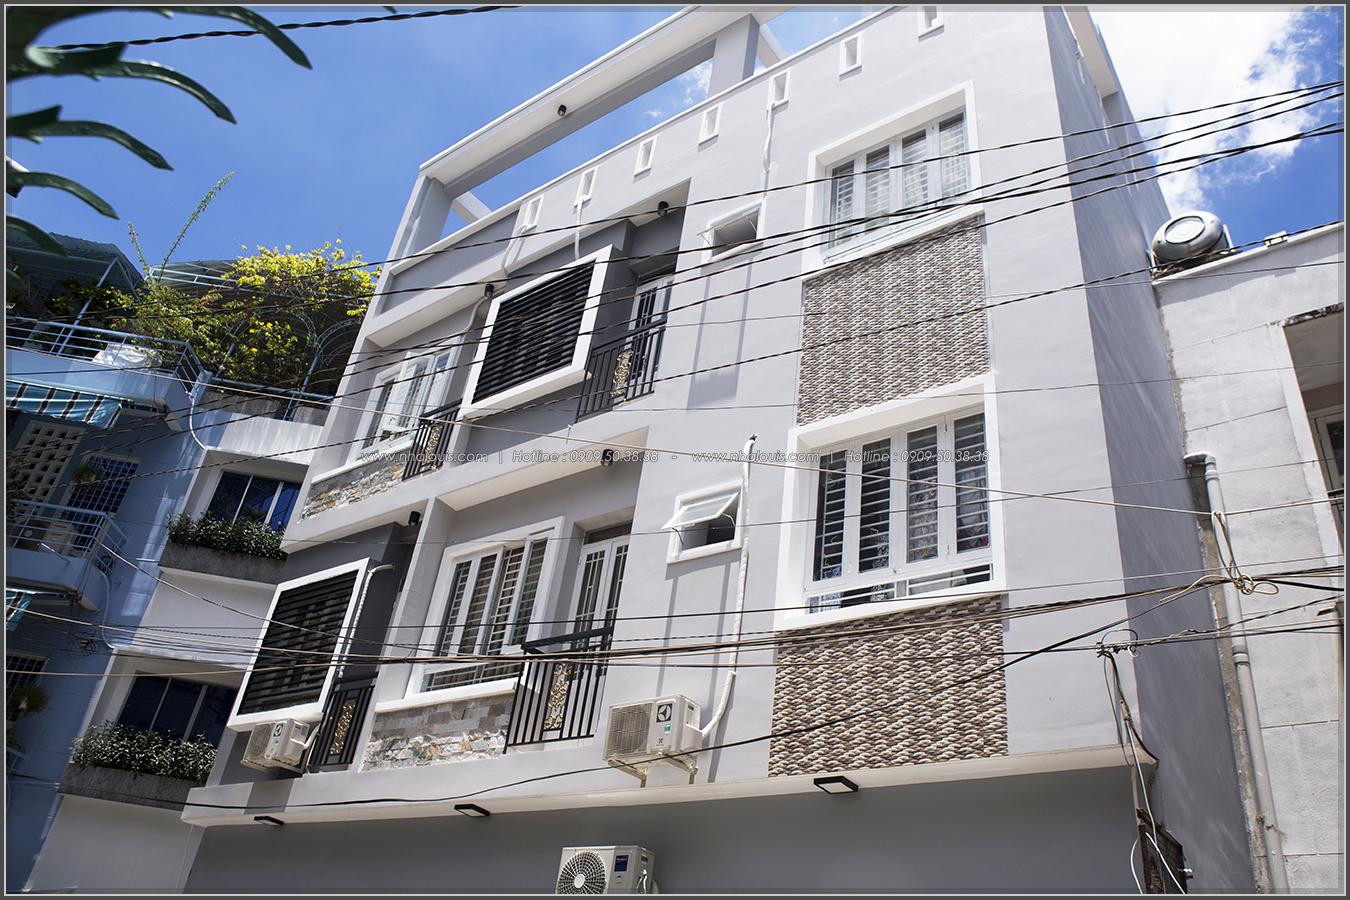 Thi công xây dựng nhà trọ để kinh doanh tại quận Phú Nhuận - 03